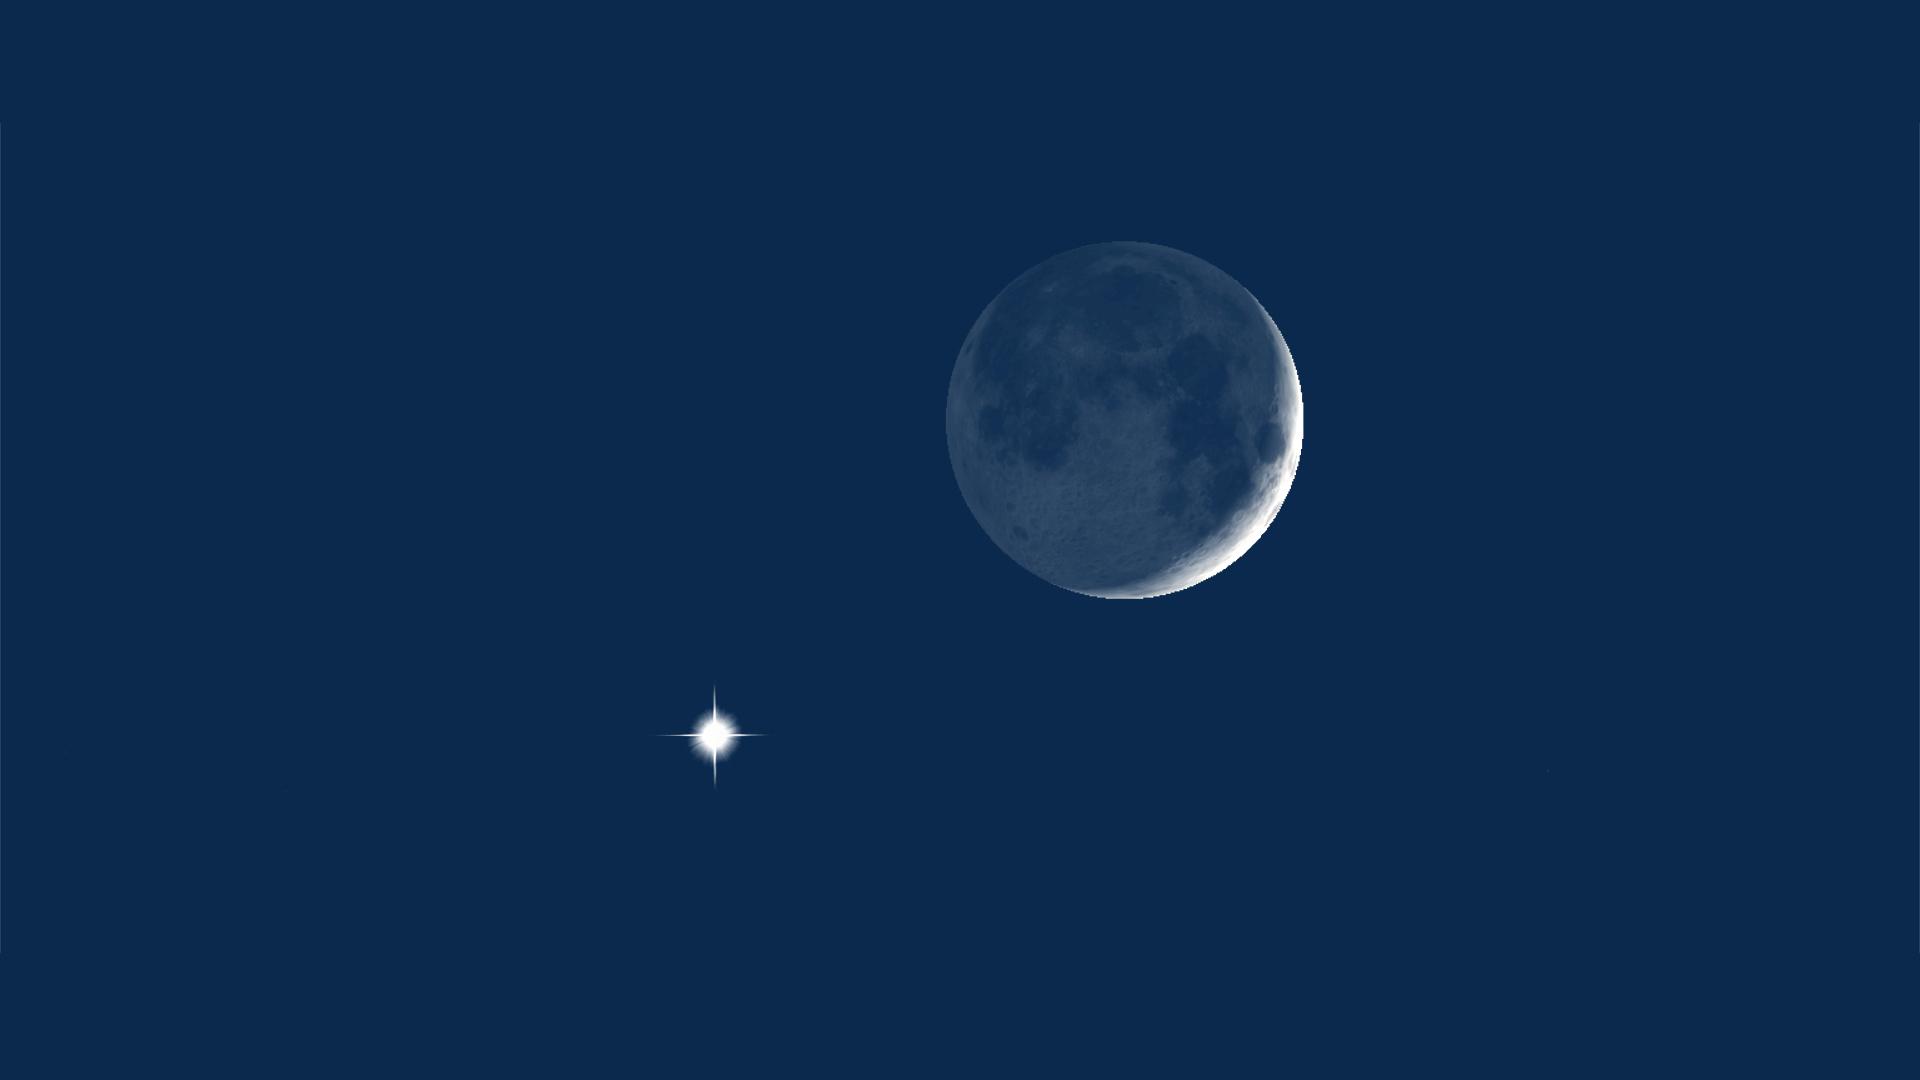 قصة خيالية قصيرة عن القمر للأطفال